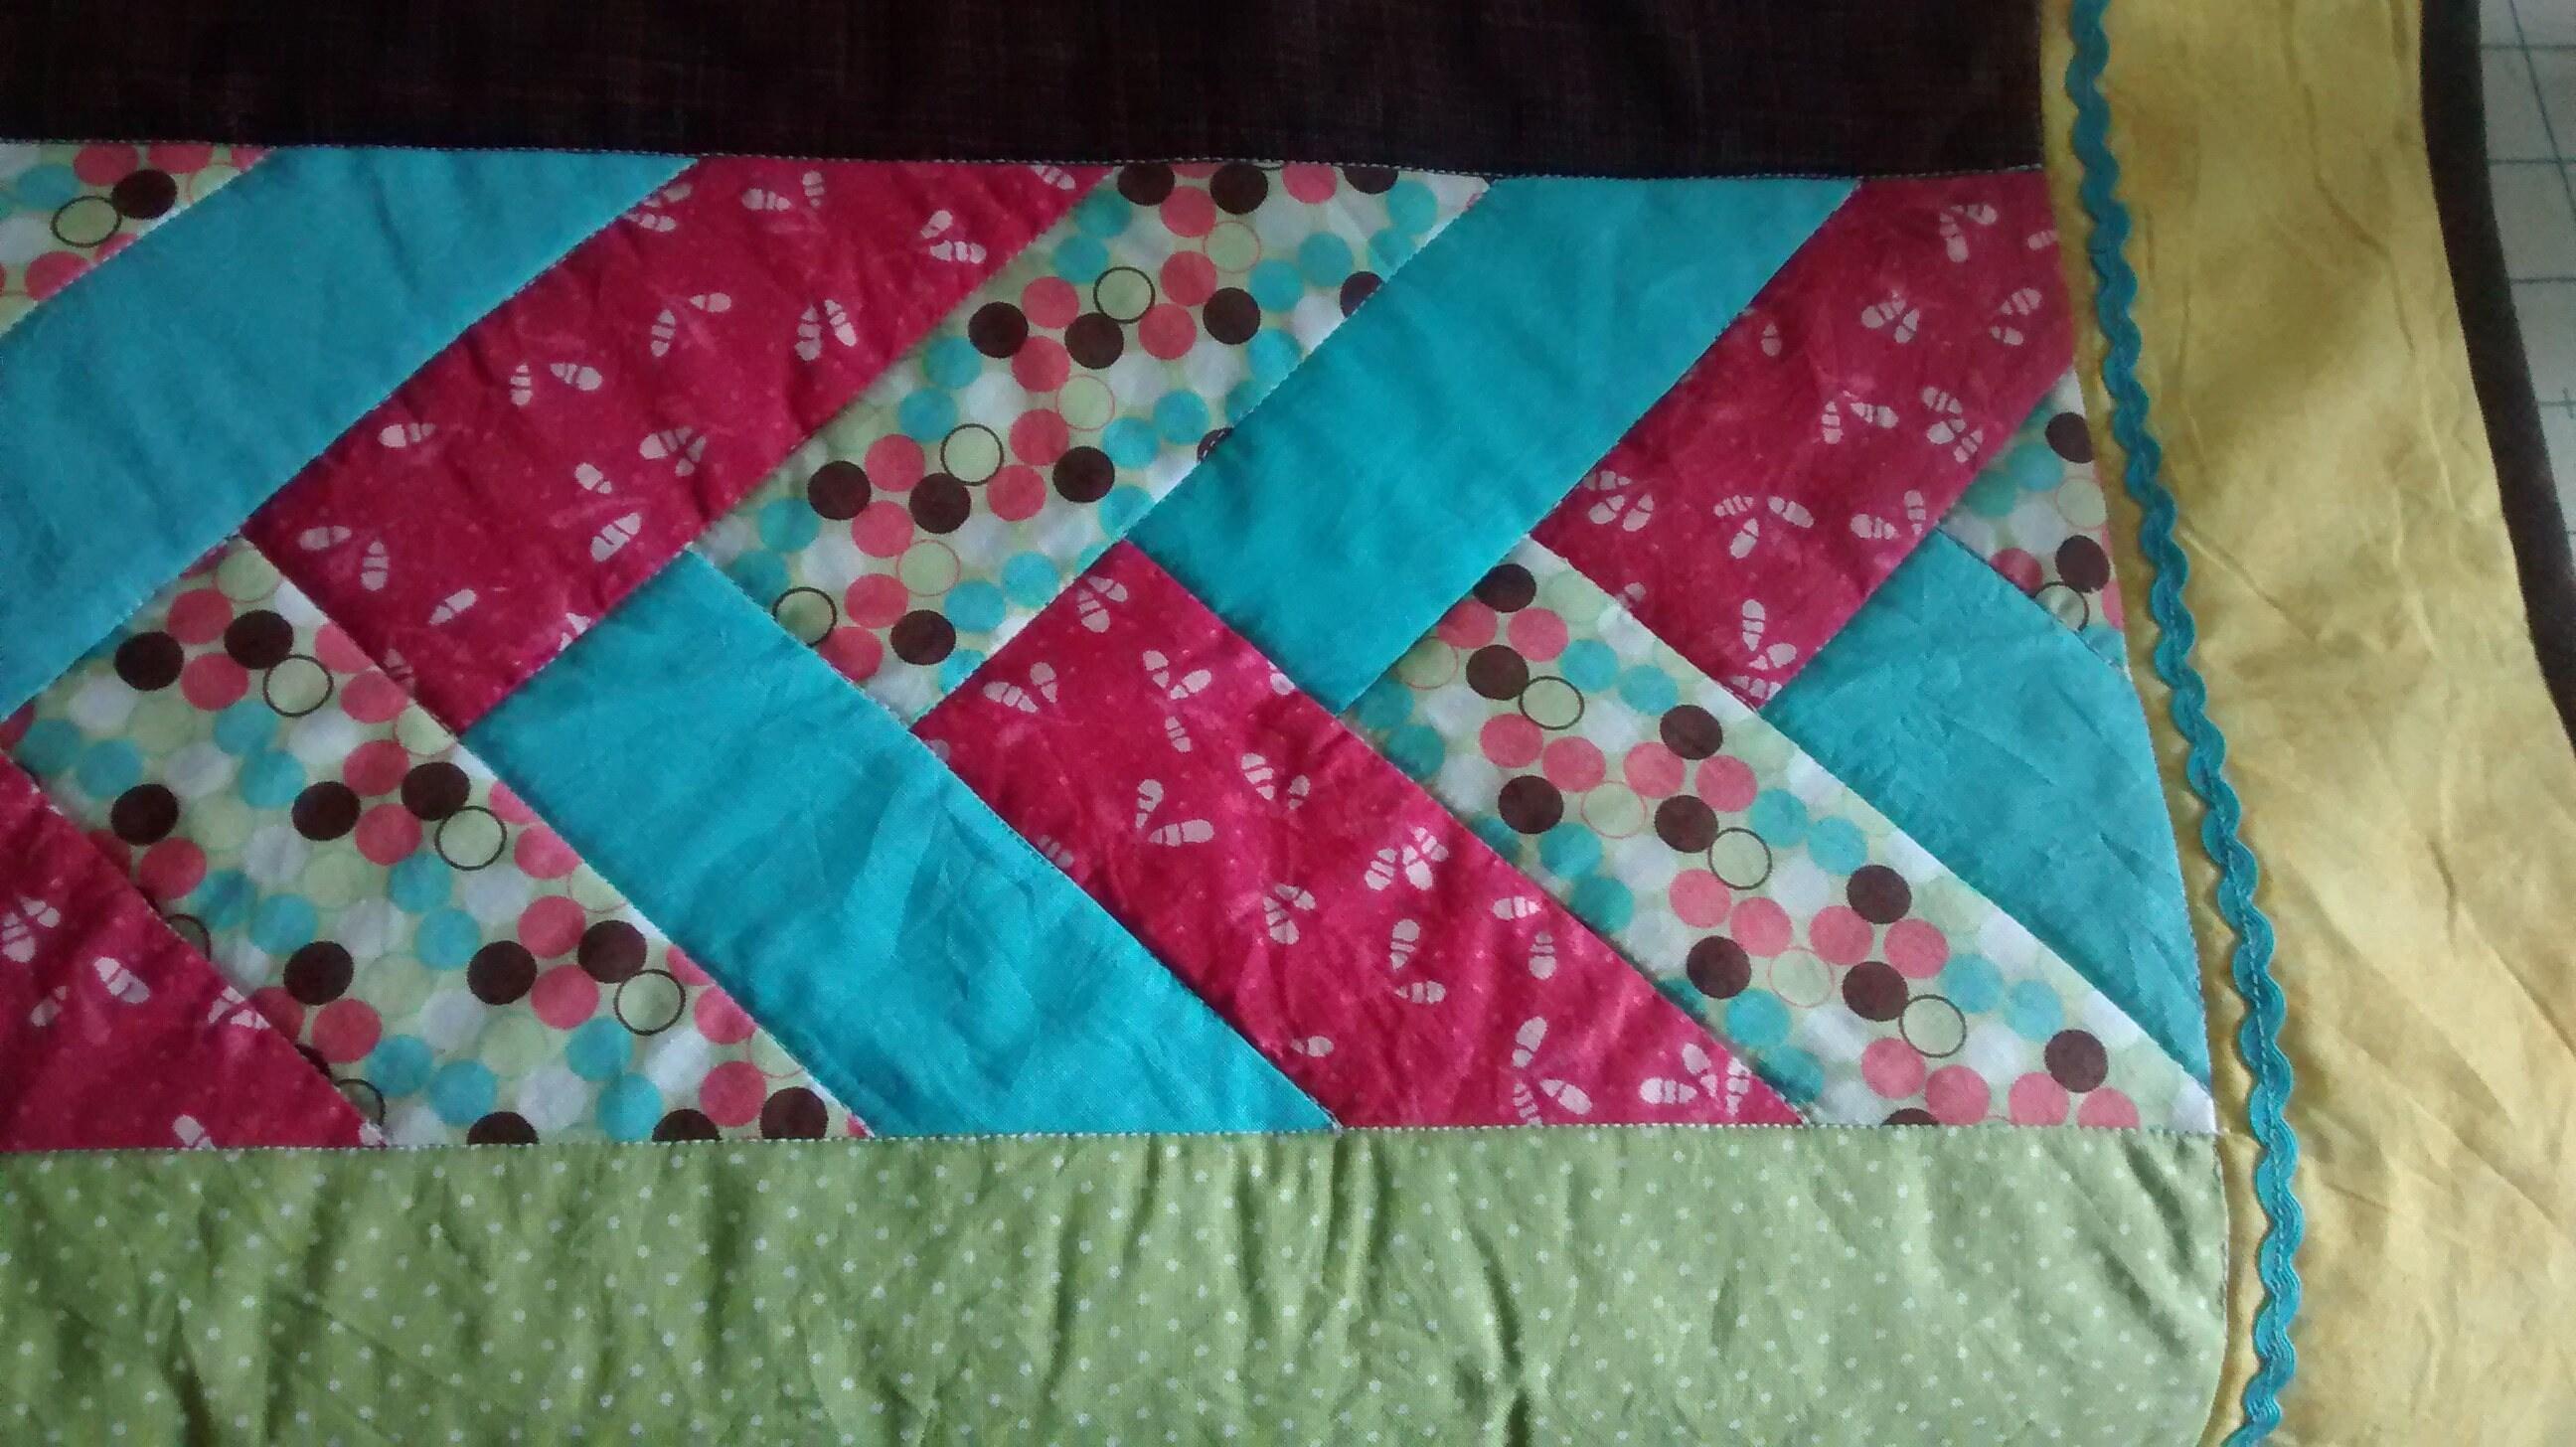 Friendship Braid Quilt Baby Quilt Crib Size Handmade